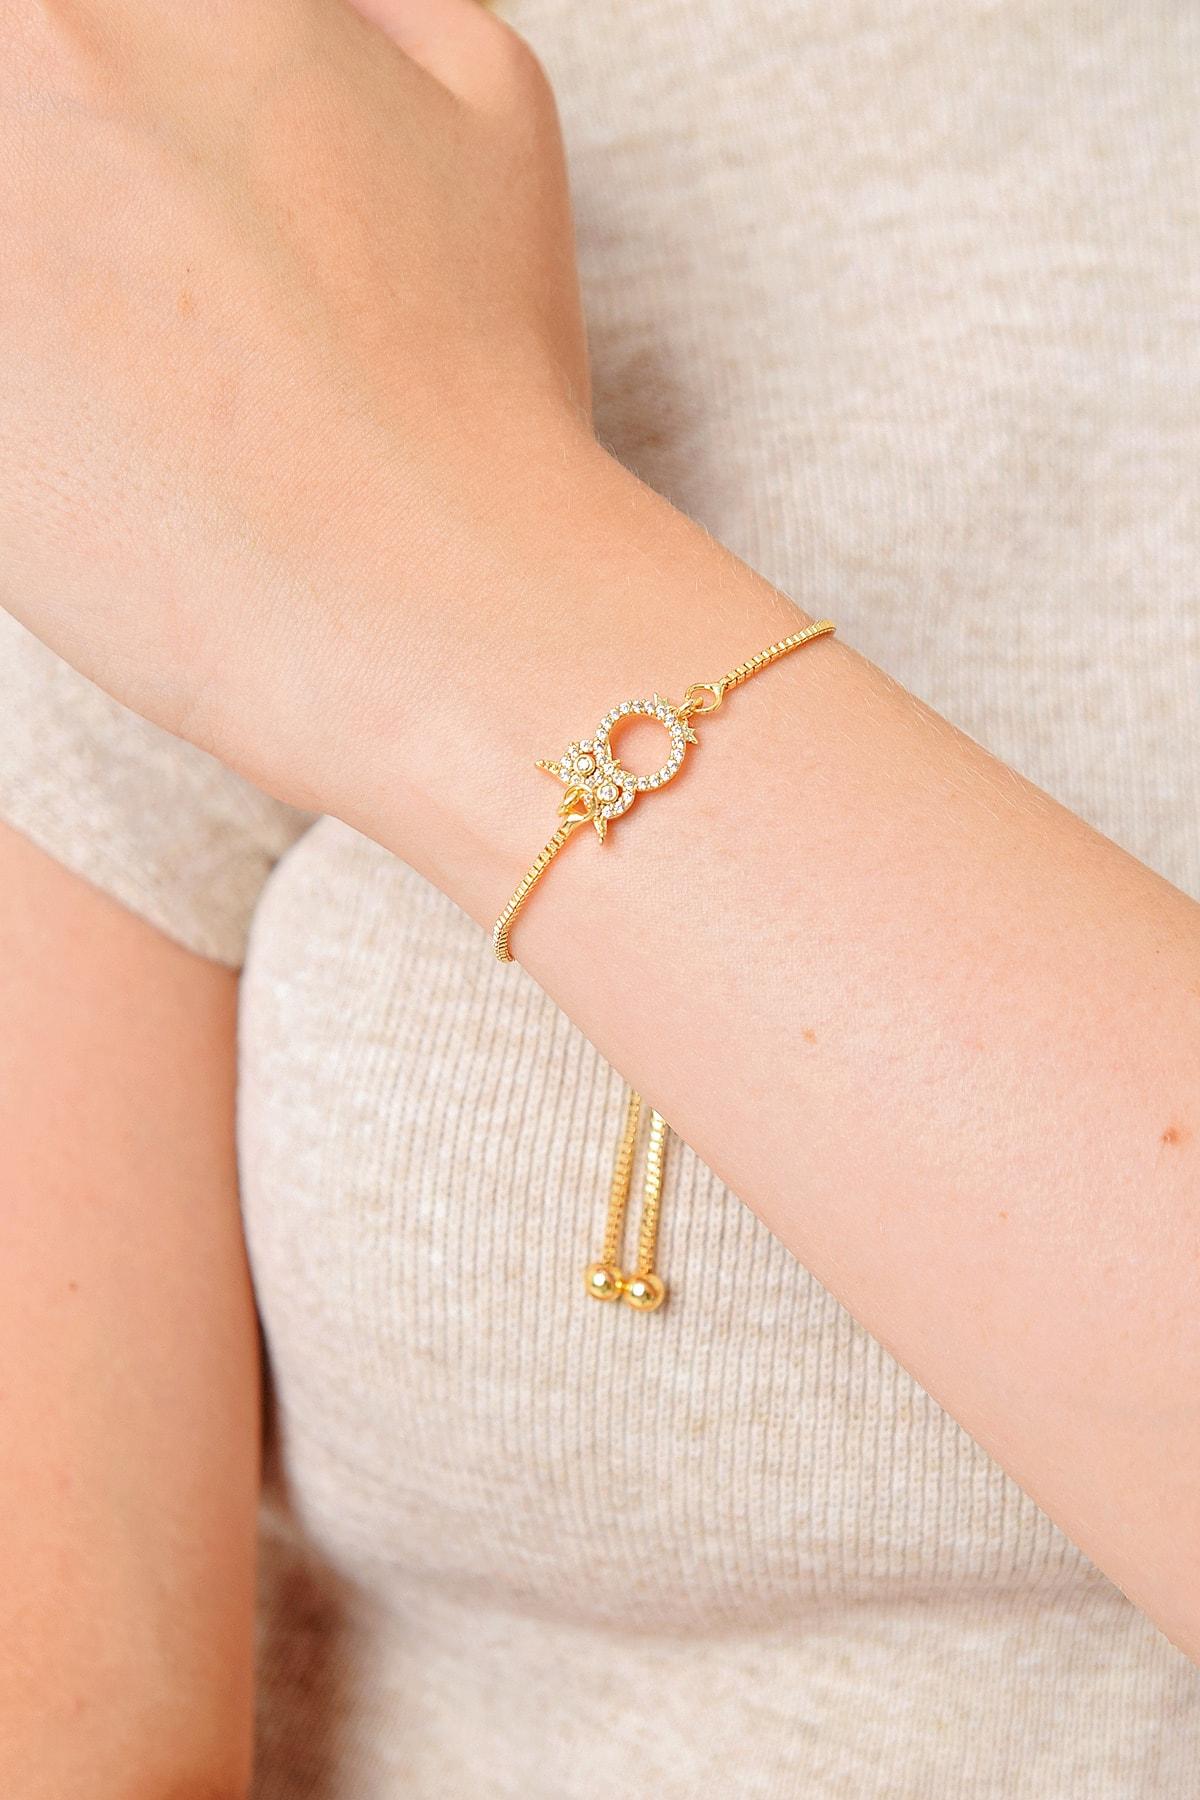 Trend Alaçatı Stili Kadın Gold Baykuş Taşlı Asansörlü Bileklik ALC-A2017 1